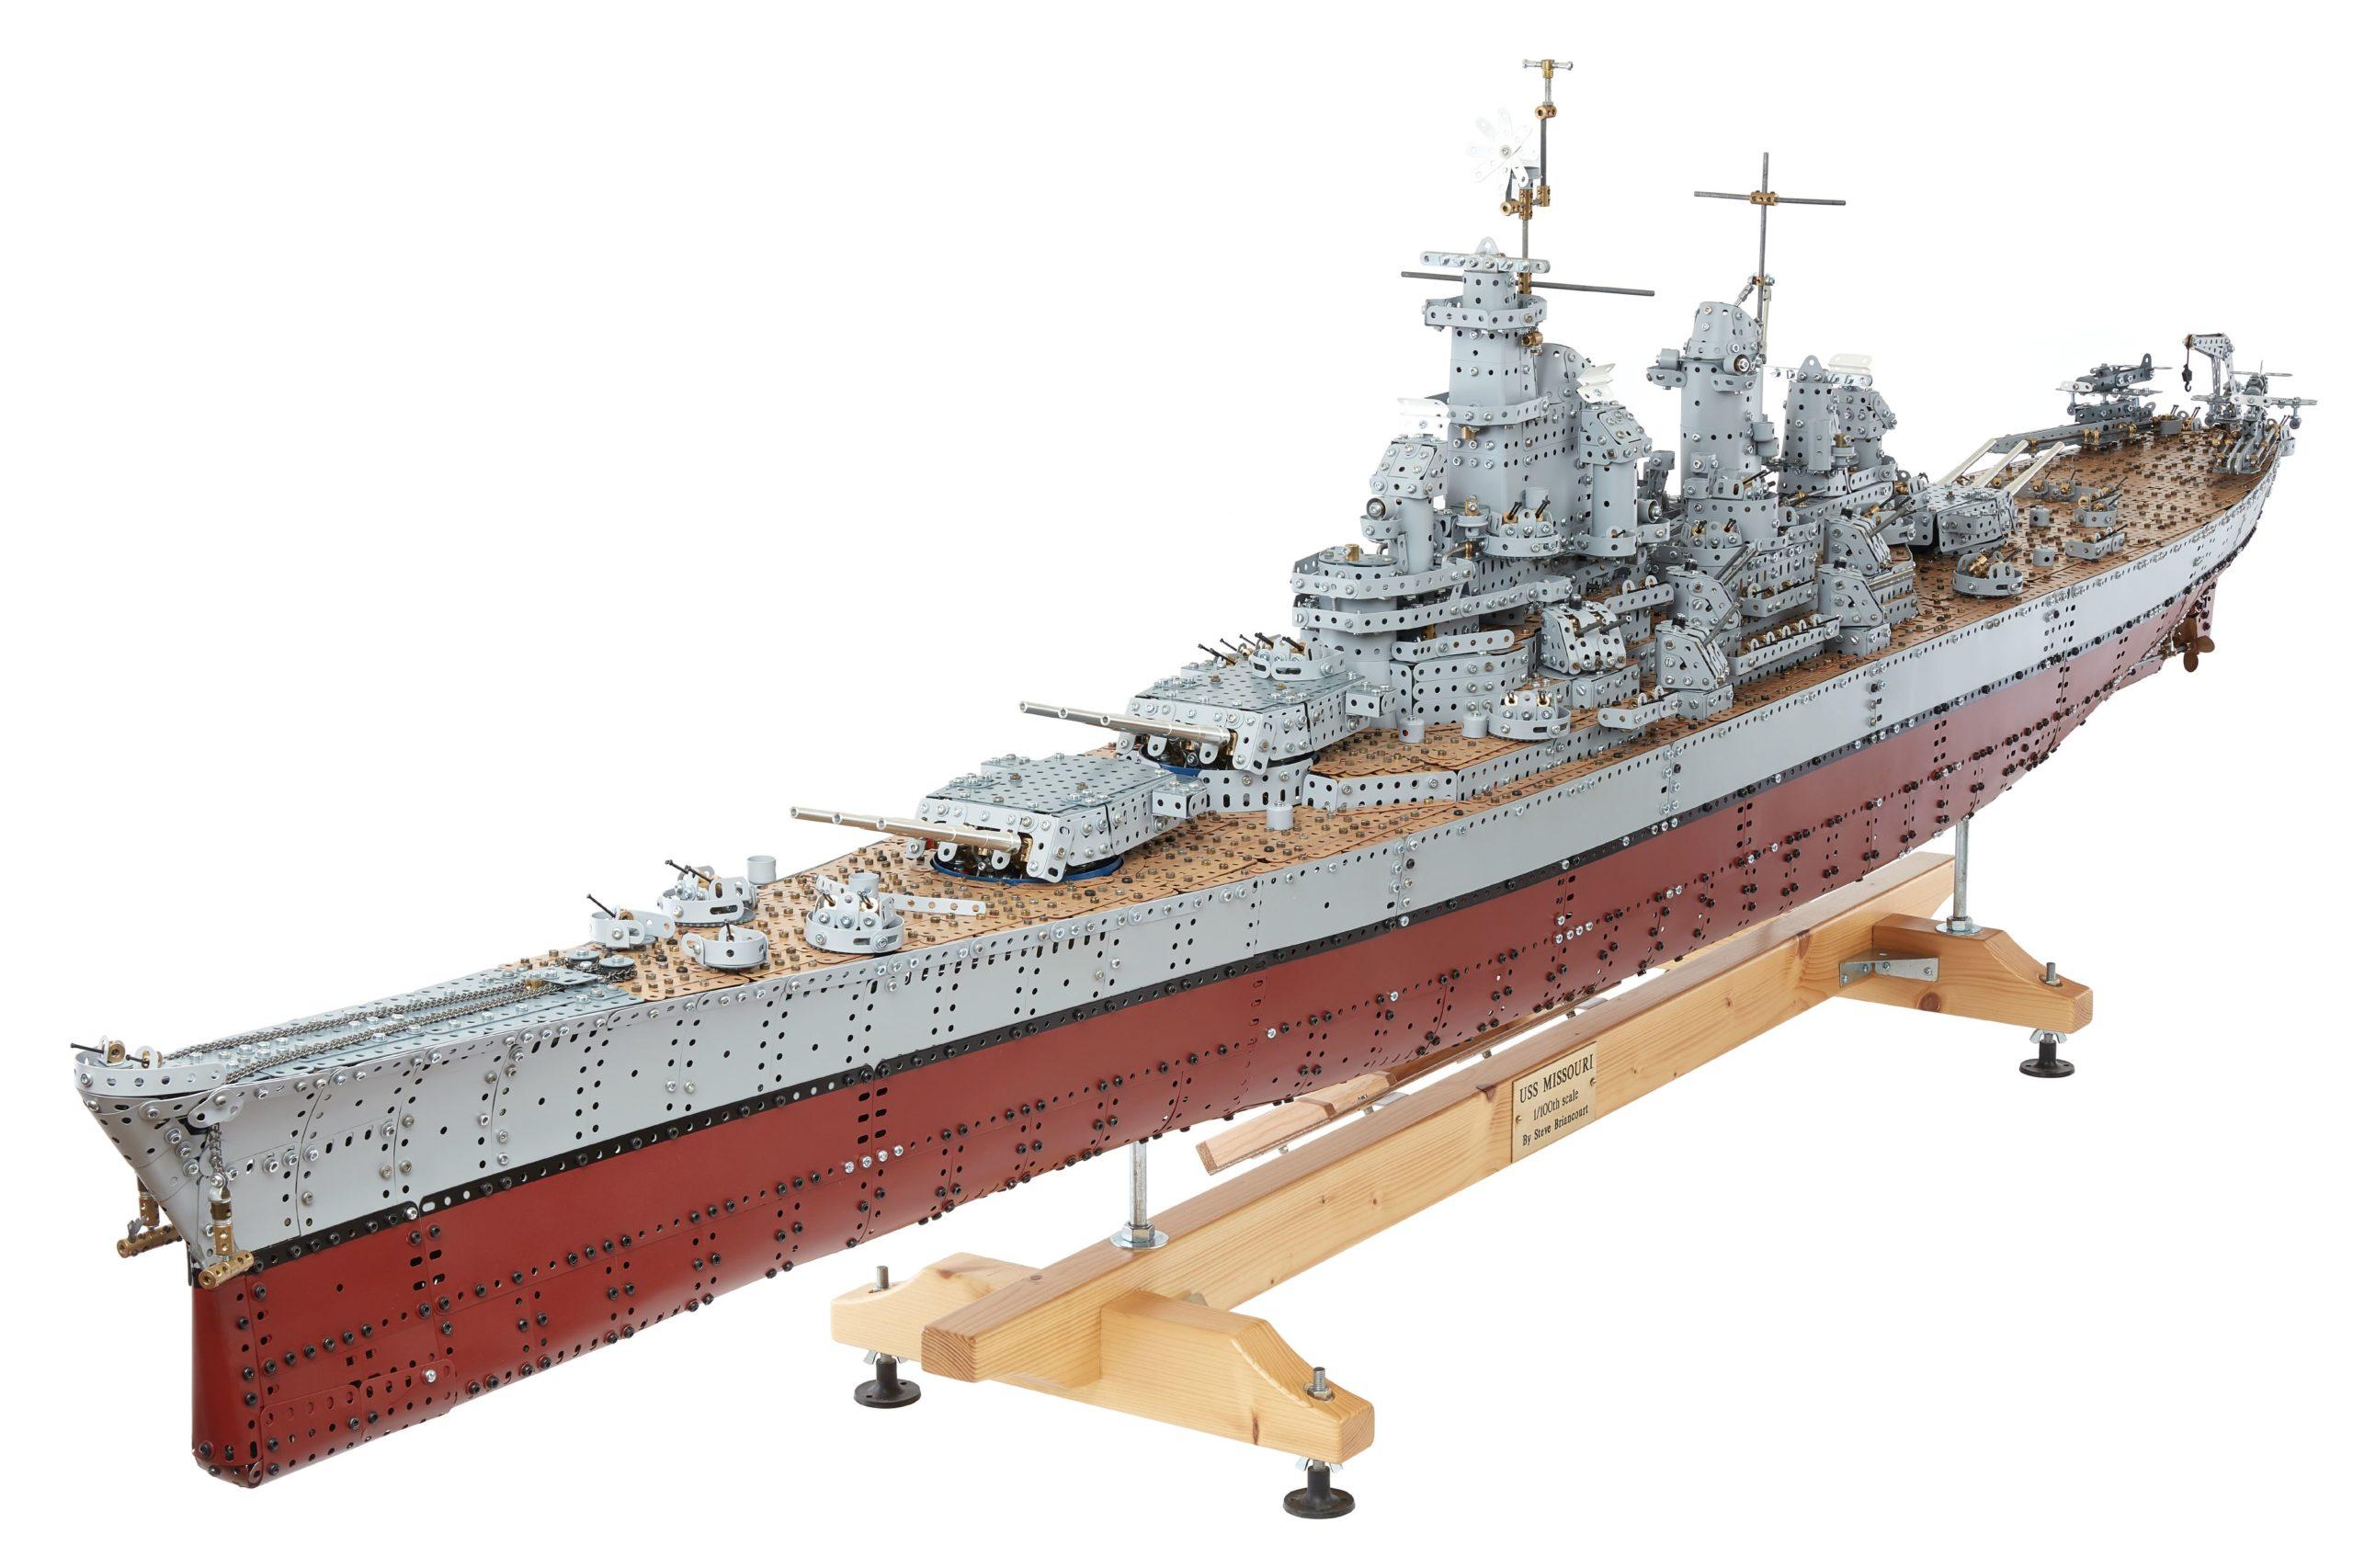 The USS Missouri - by Steve Briancourt 4 Web Friendly